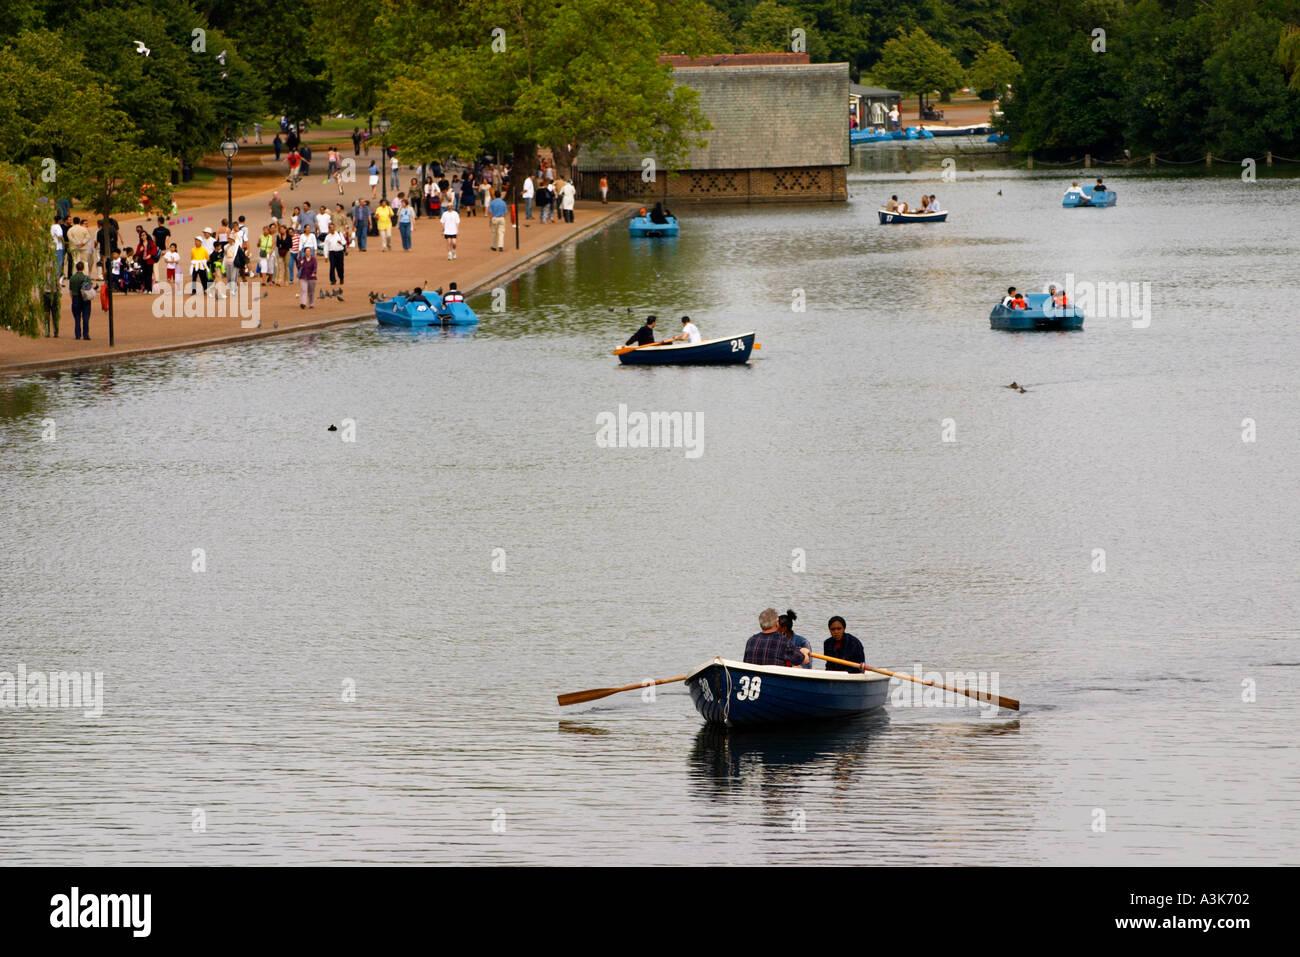 Couple dans un bateau à rames sur la Serpentine dans Hyde Park à Londres Angleterre Royaume-Uni Grande-Bretagne Photo Stock